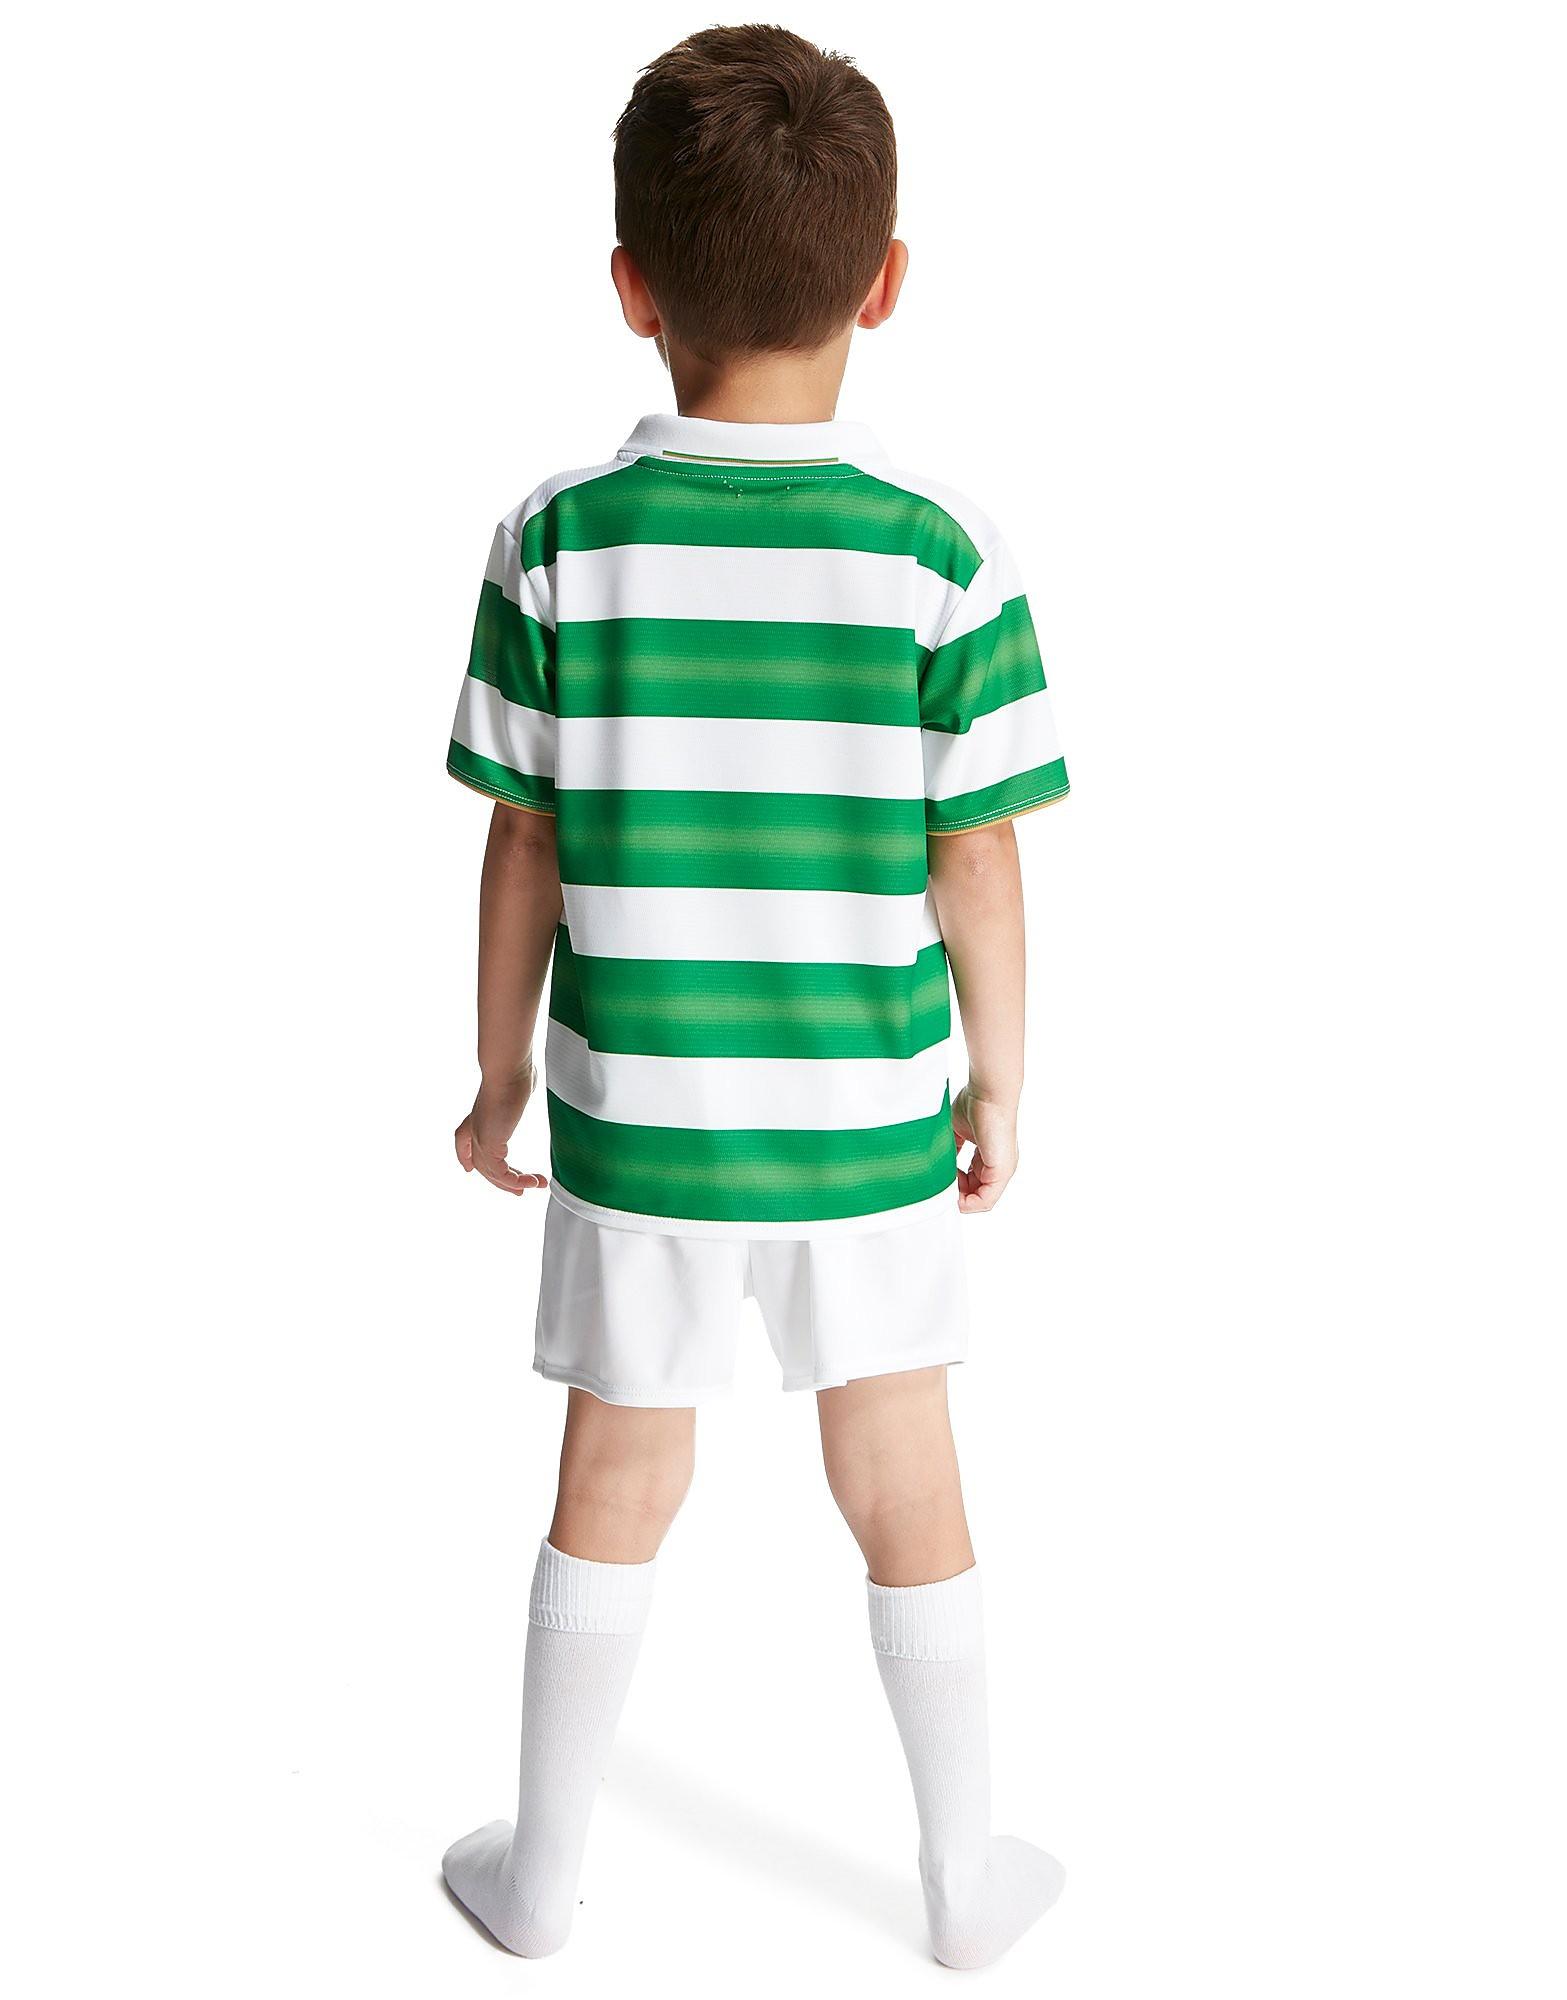 New Balance Celtic FC 2016/17 Home Kit Children